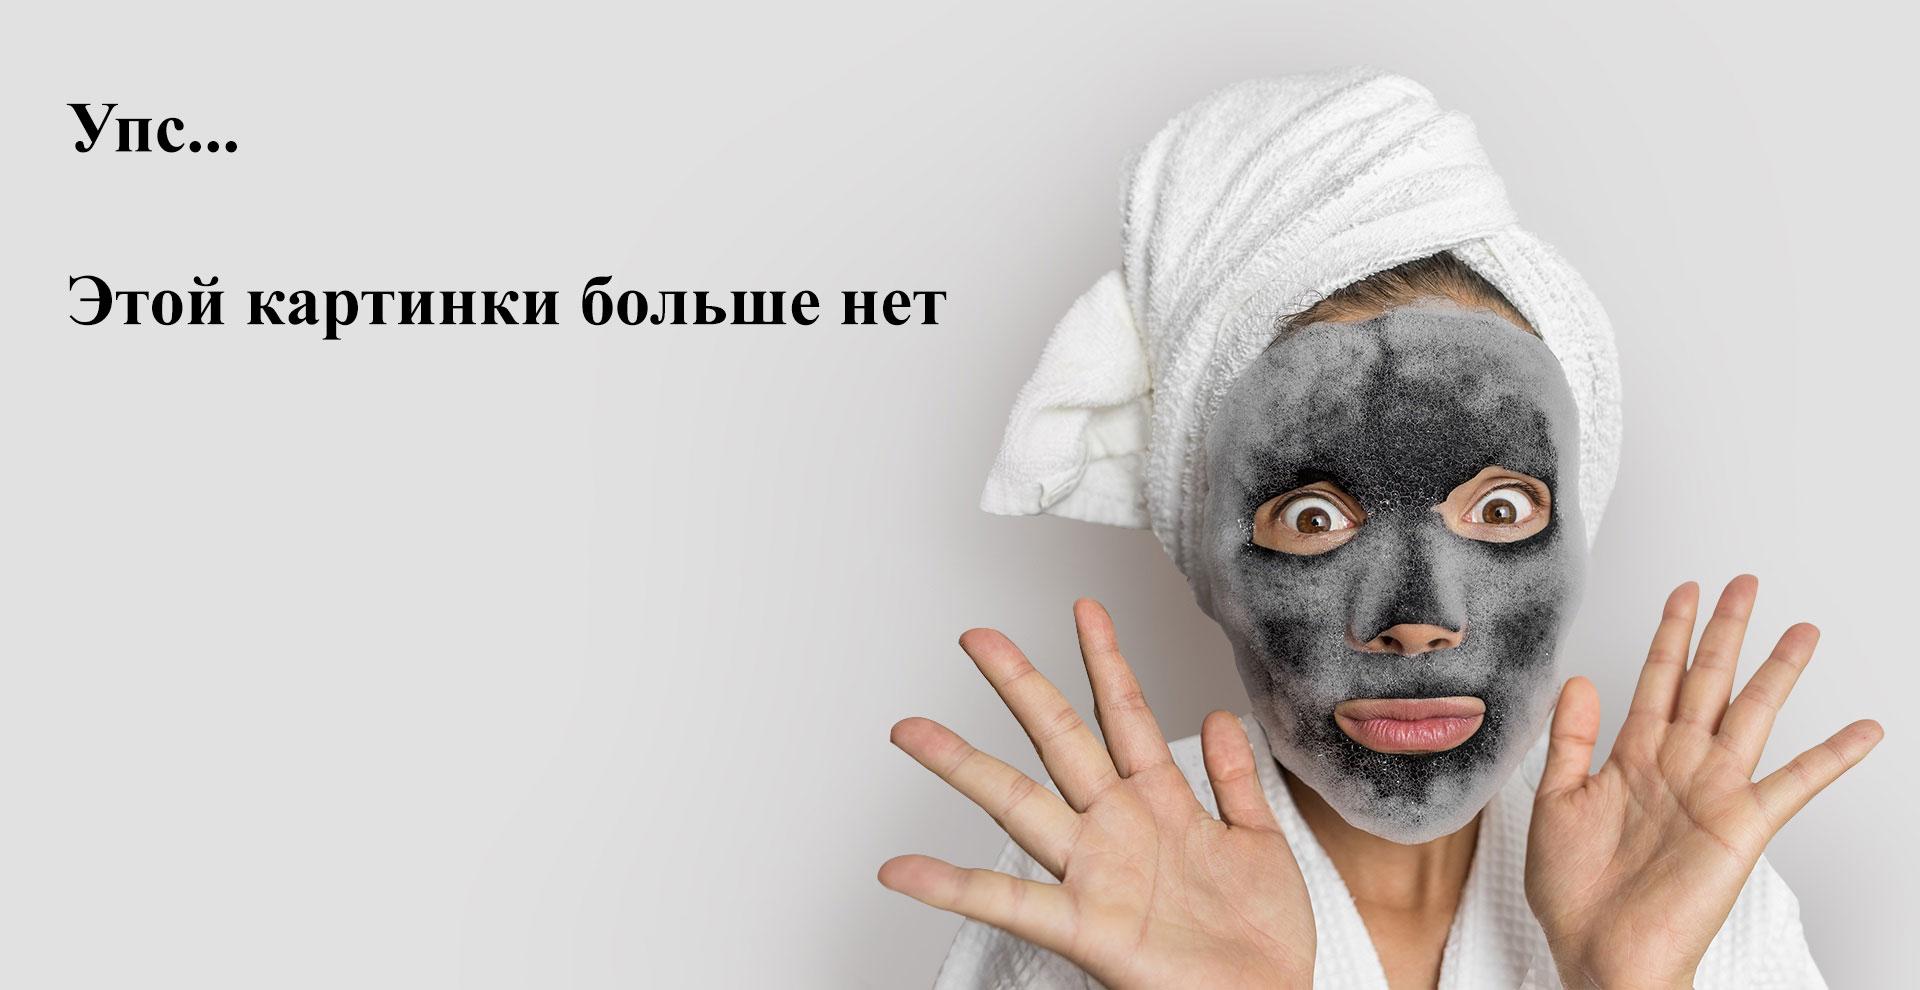 Vivienne Sabo, Подводка для глаз жидкая Chocolat, тон 03